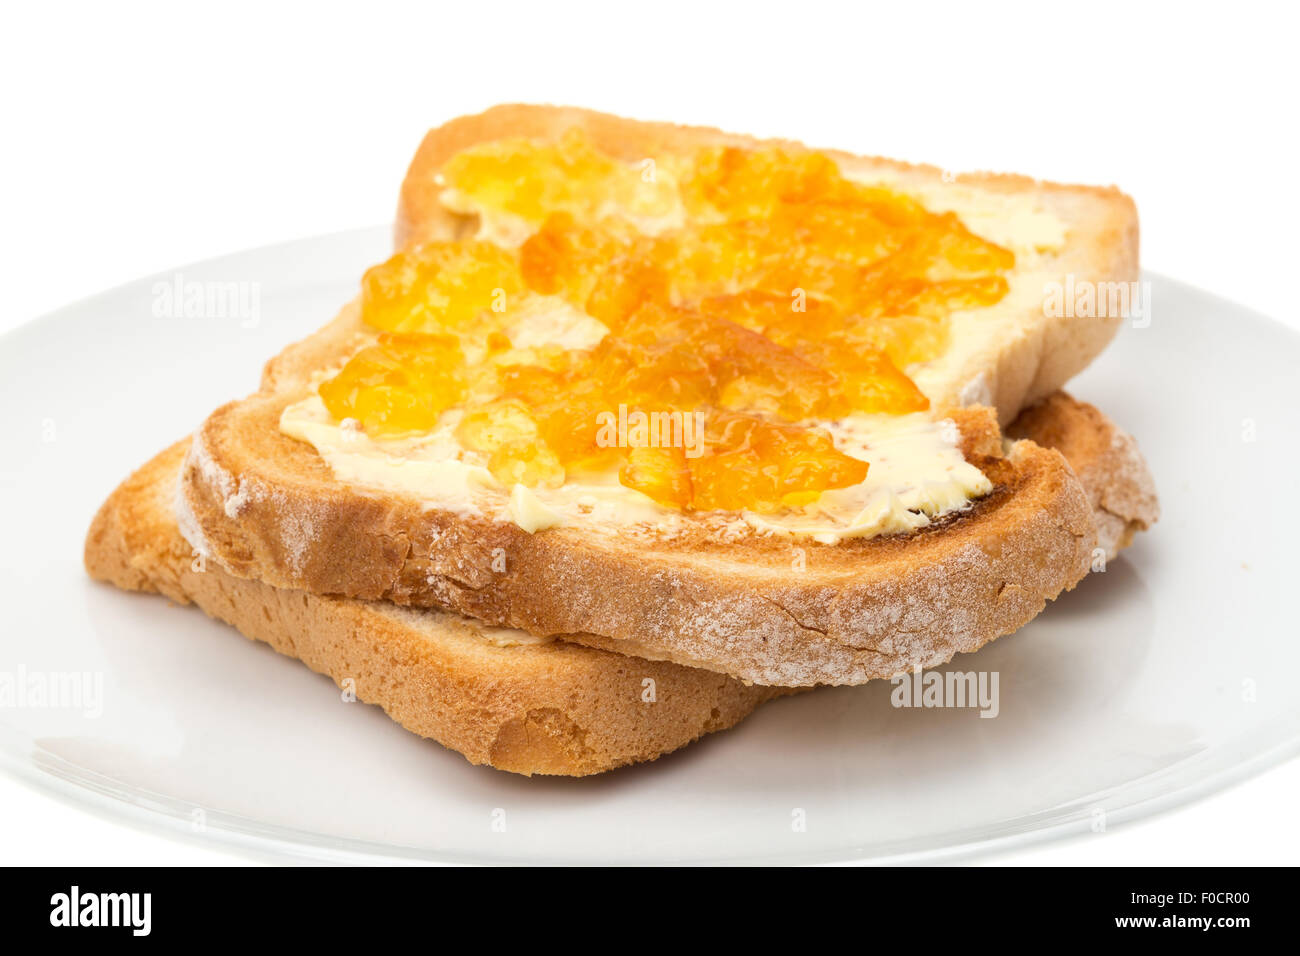 Marmelade d'Orange sur les tartines beurrées - studio photo avec un fond blanc Photo Stock